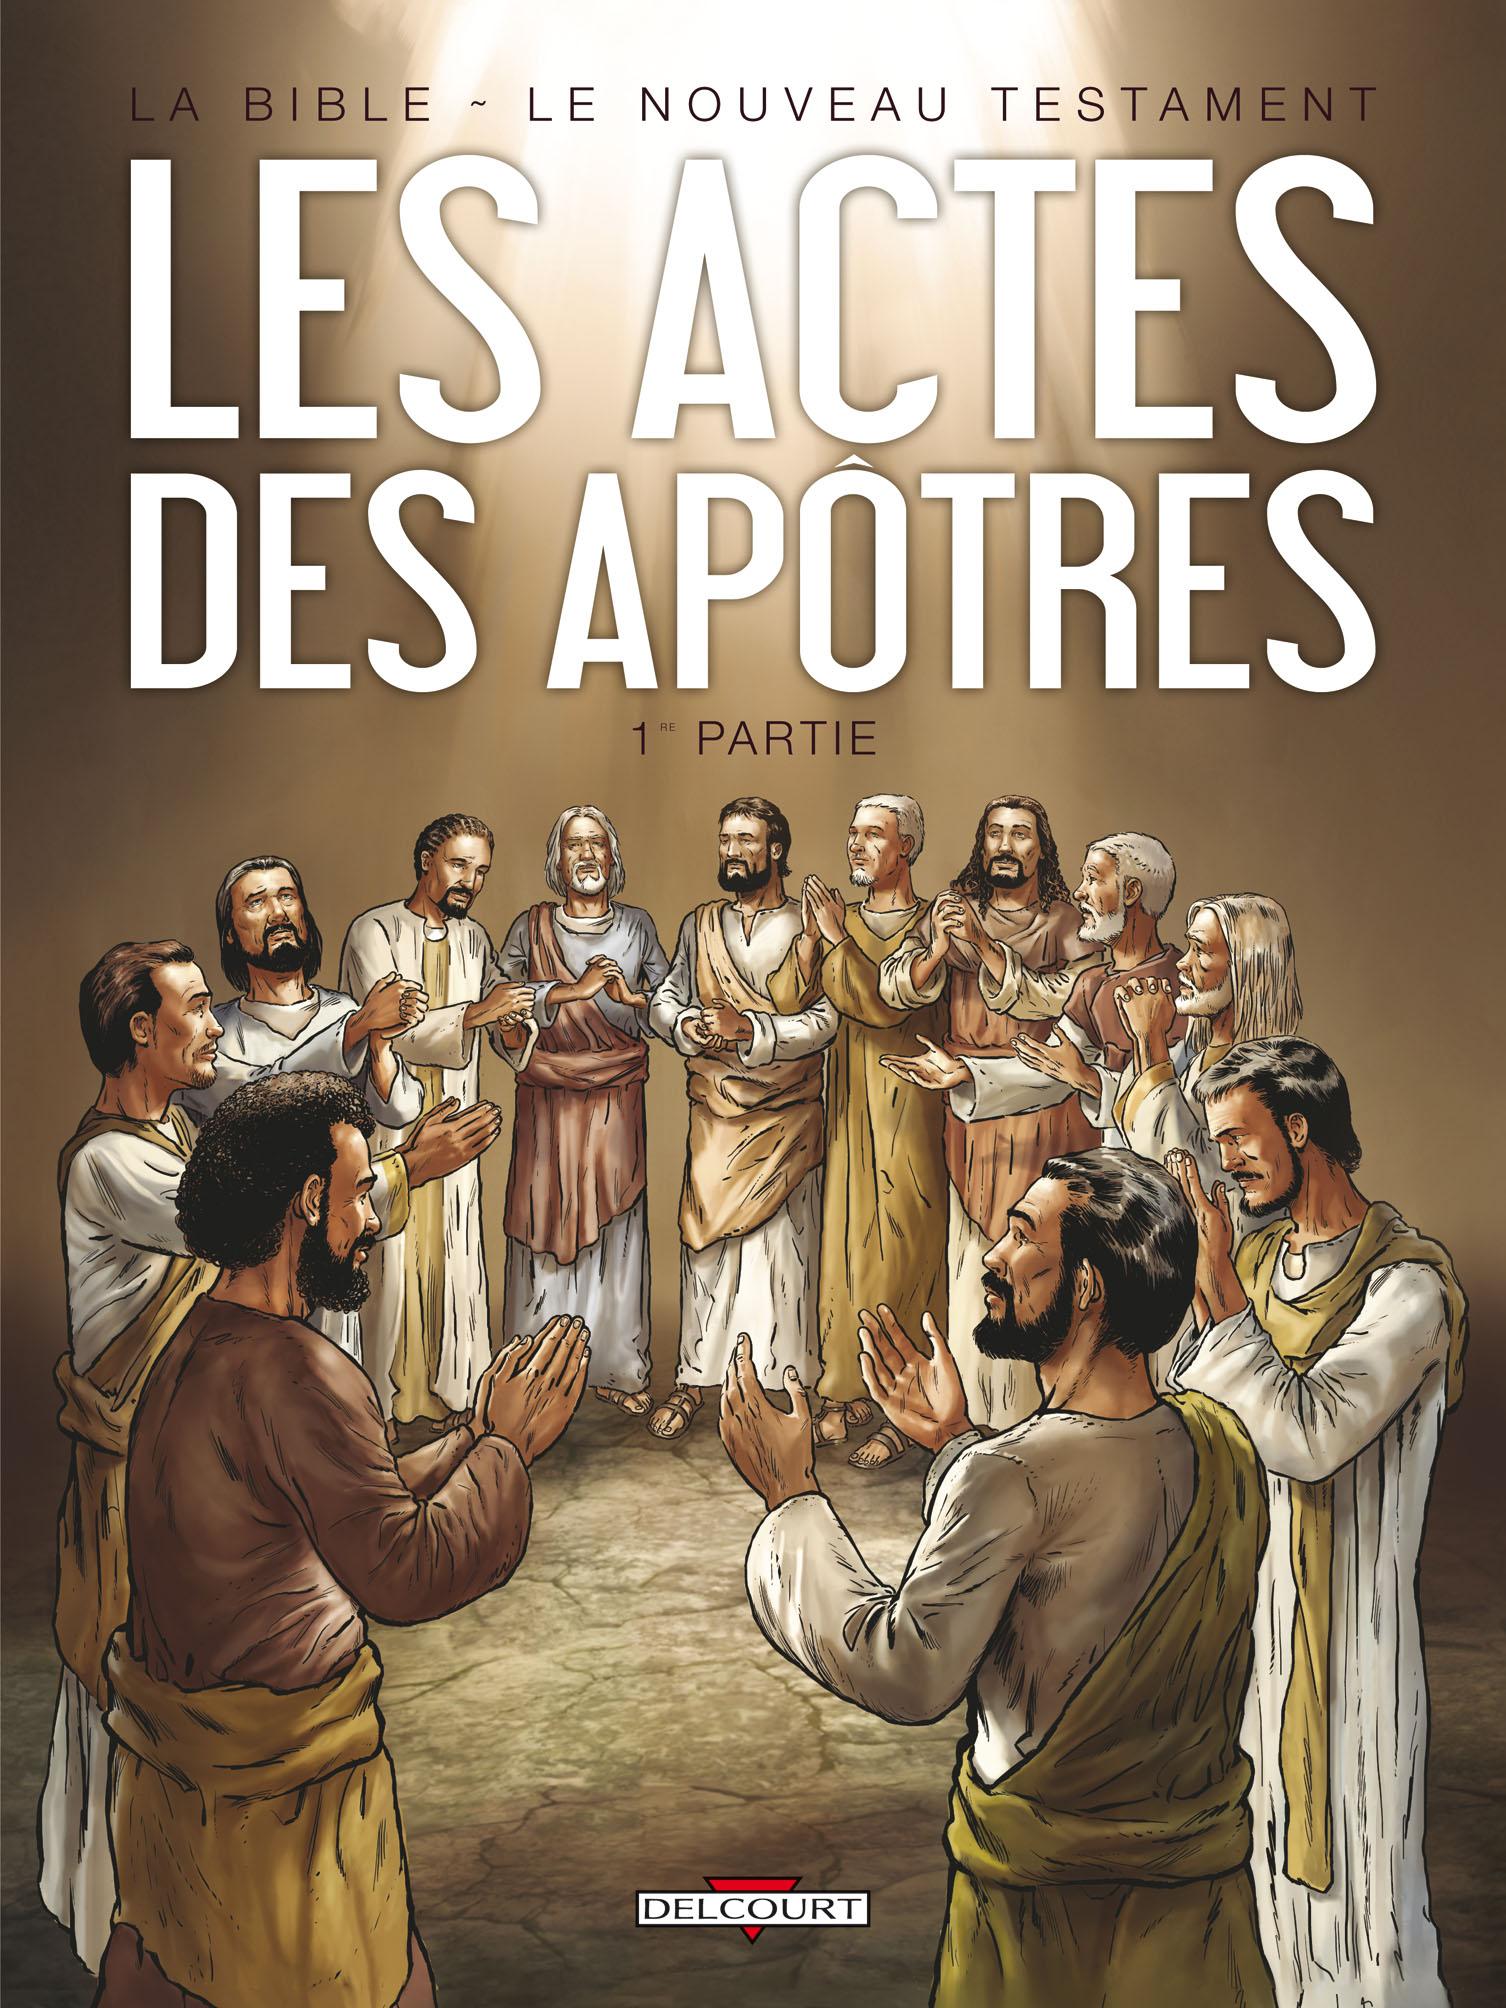 La Bible (Camus) 6 - Le Nouveau Testament - Les actes des Apôtres 1